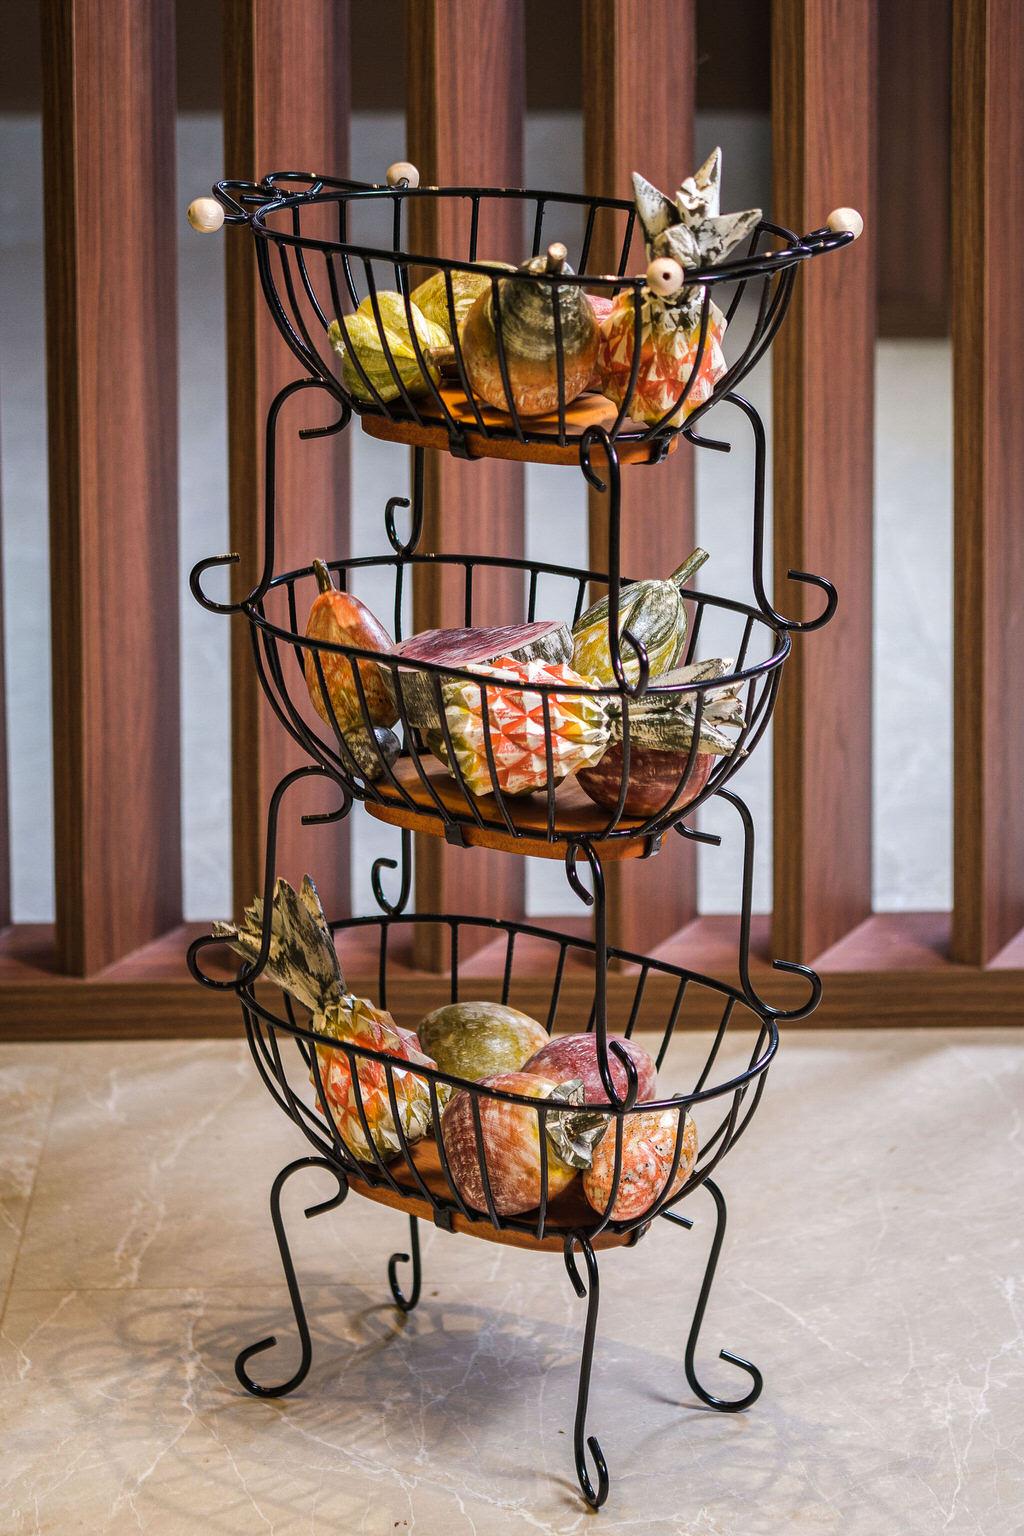 Fruteira oval de 3 andares